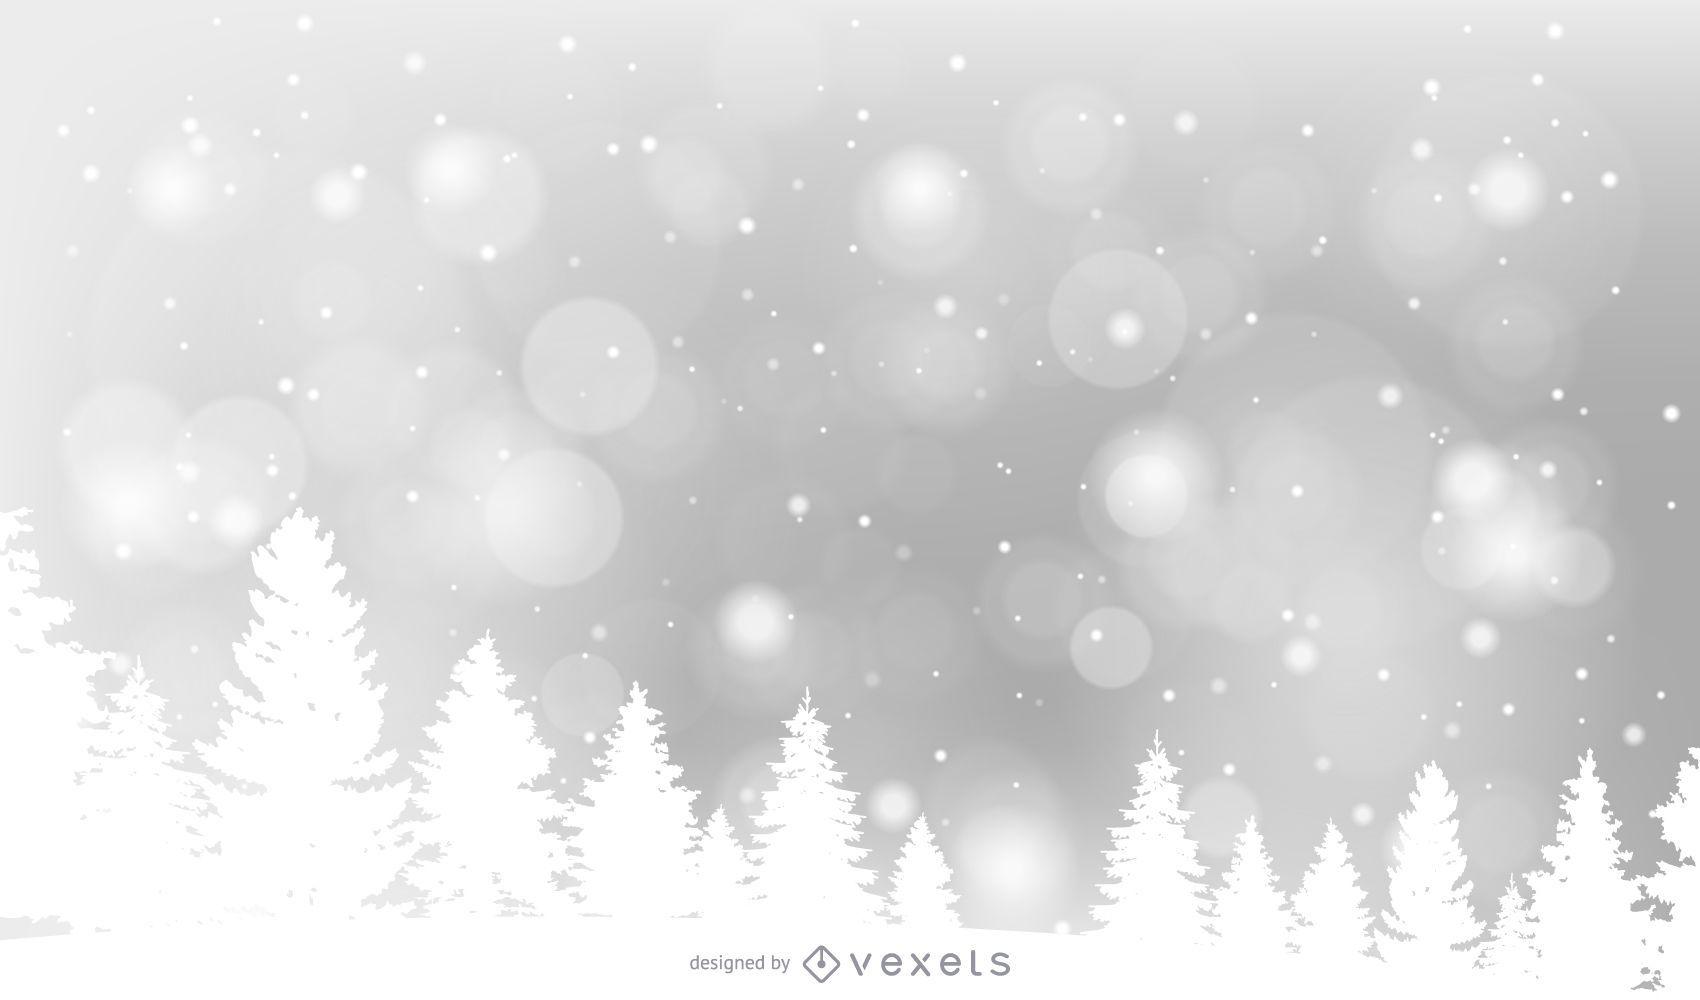 Fondo de Navidad de bosque de pinos nevados